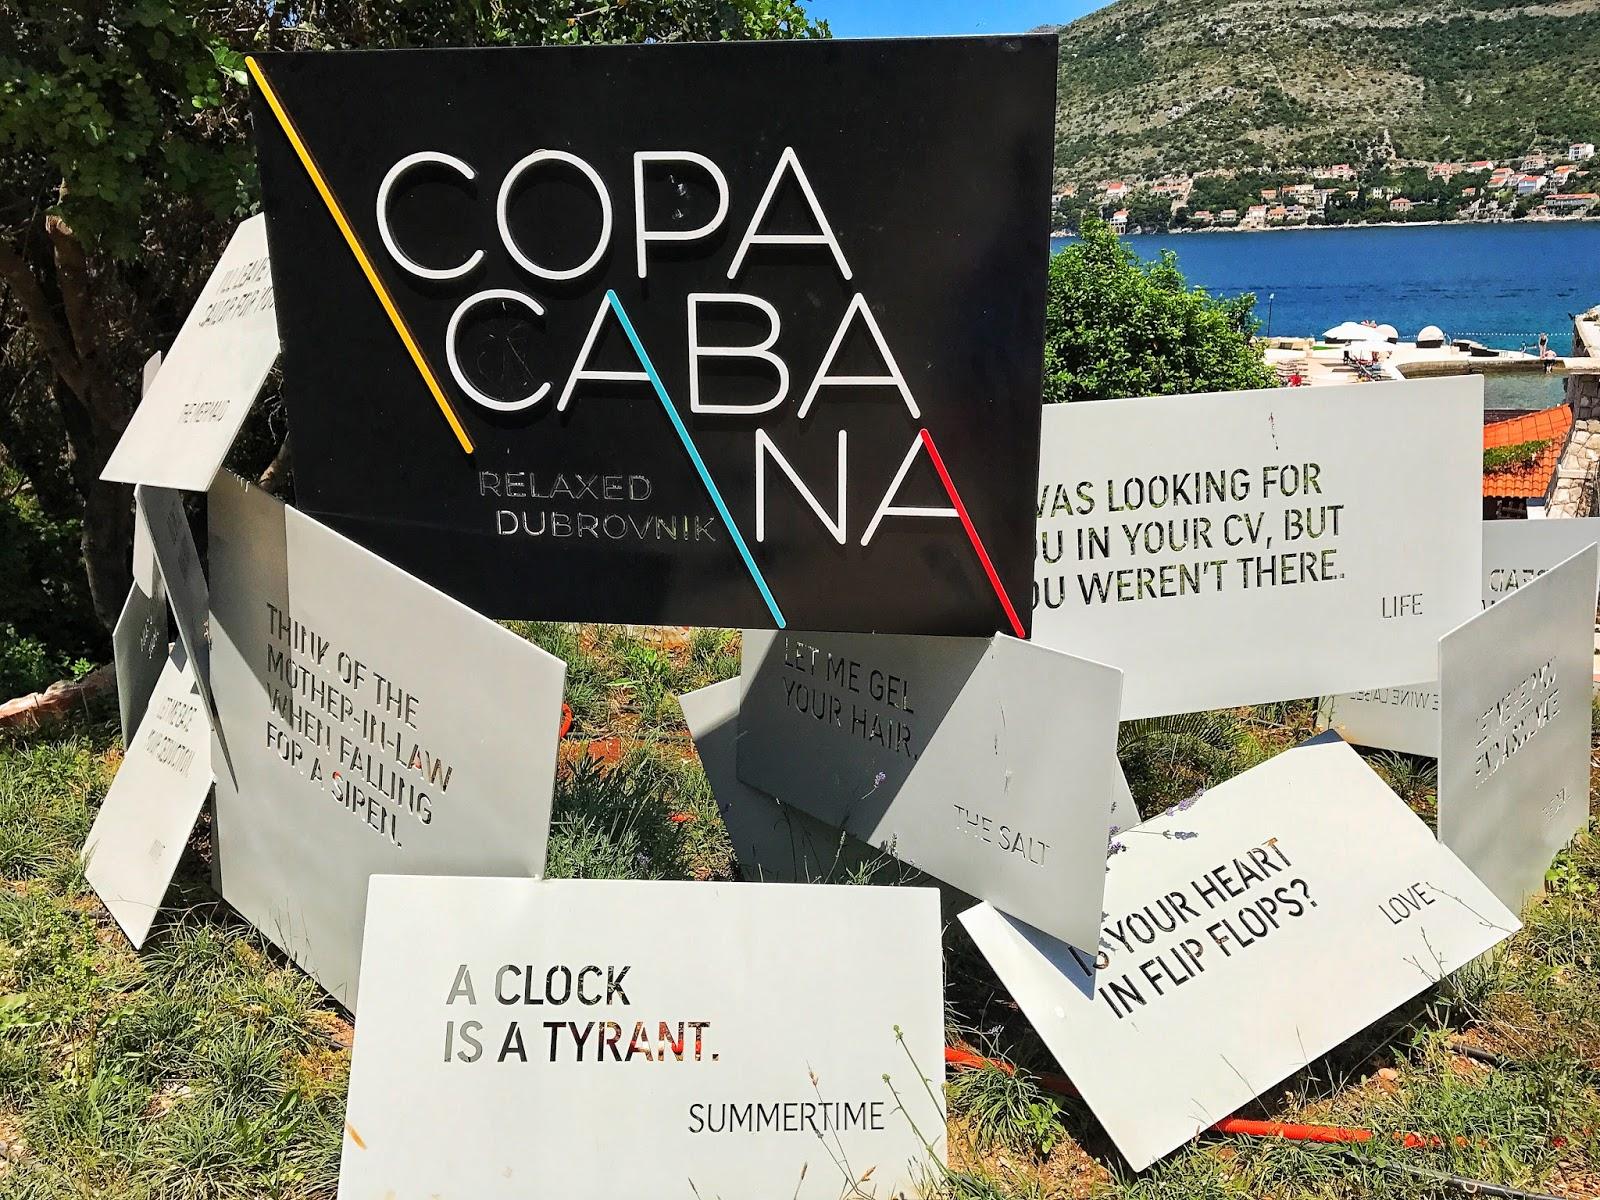 Copacana beach Dubrovnik Croatia